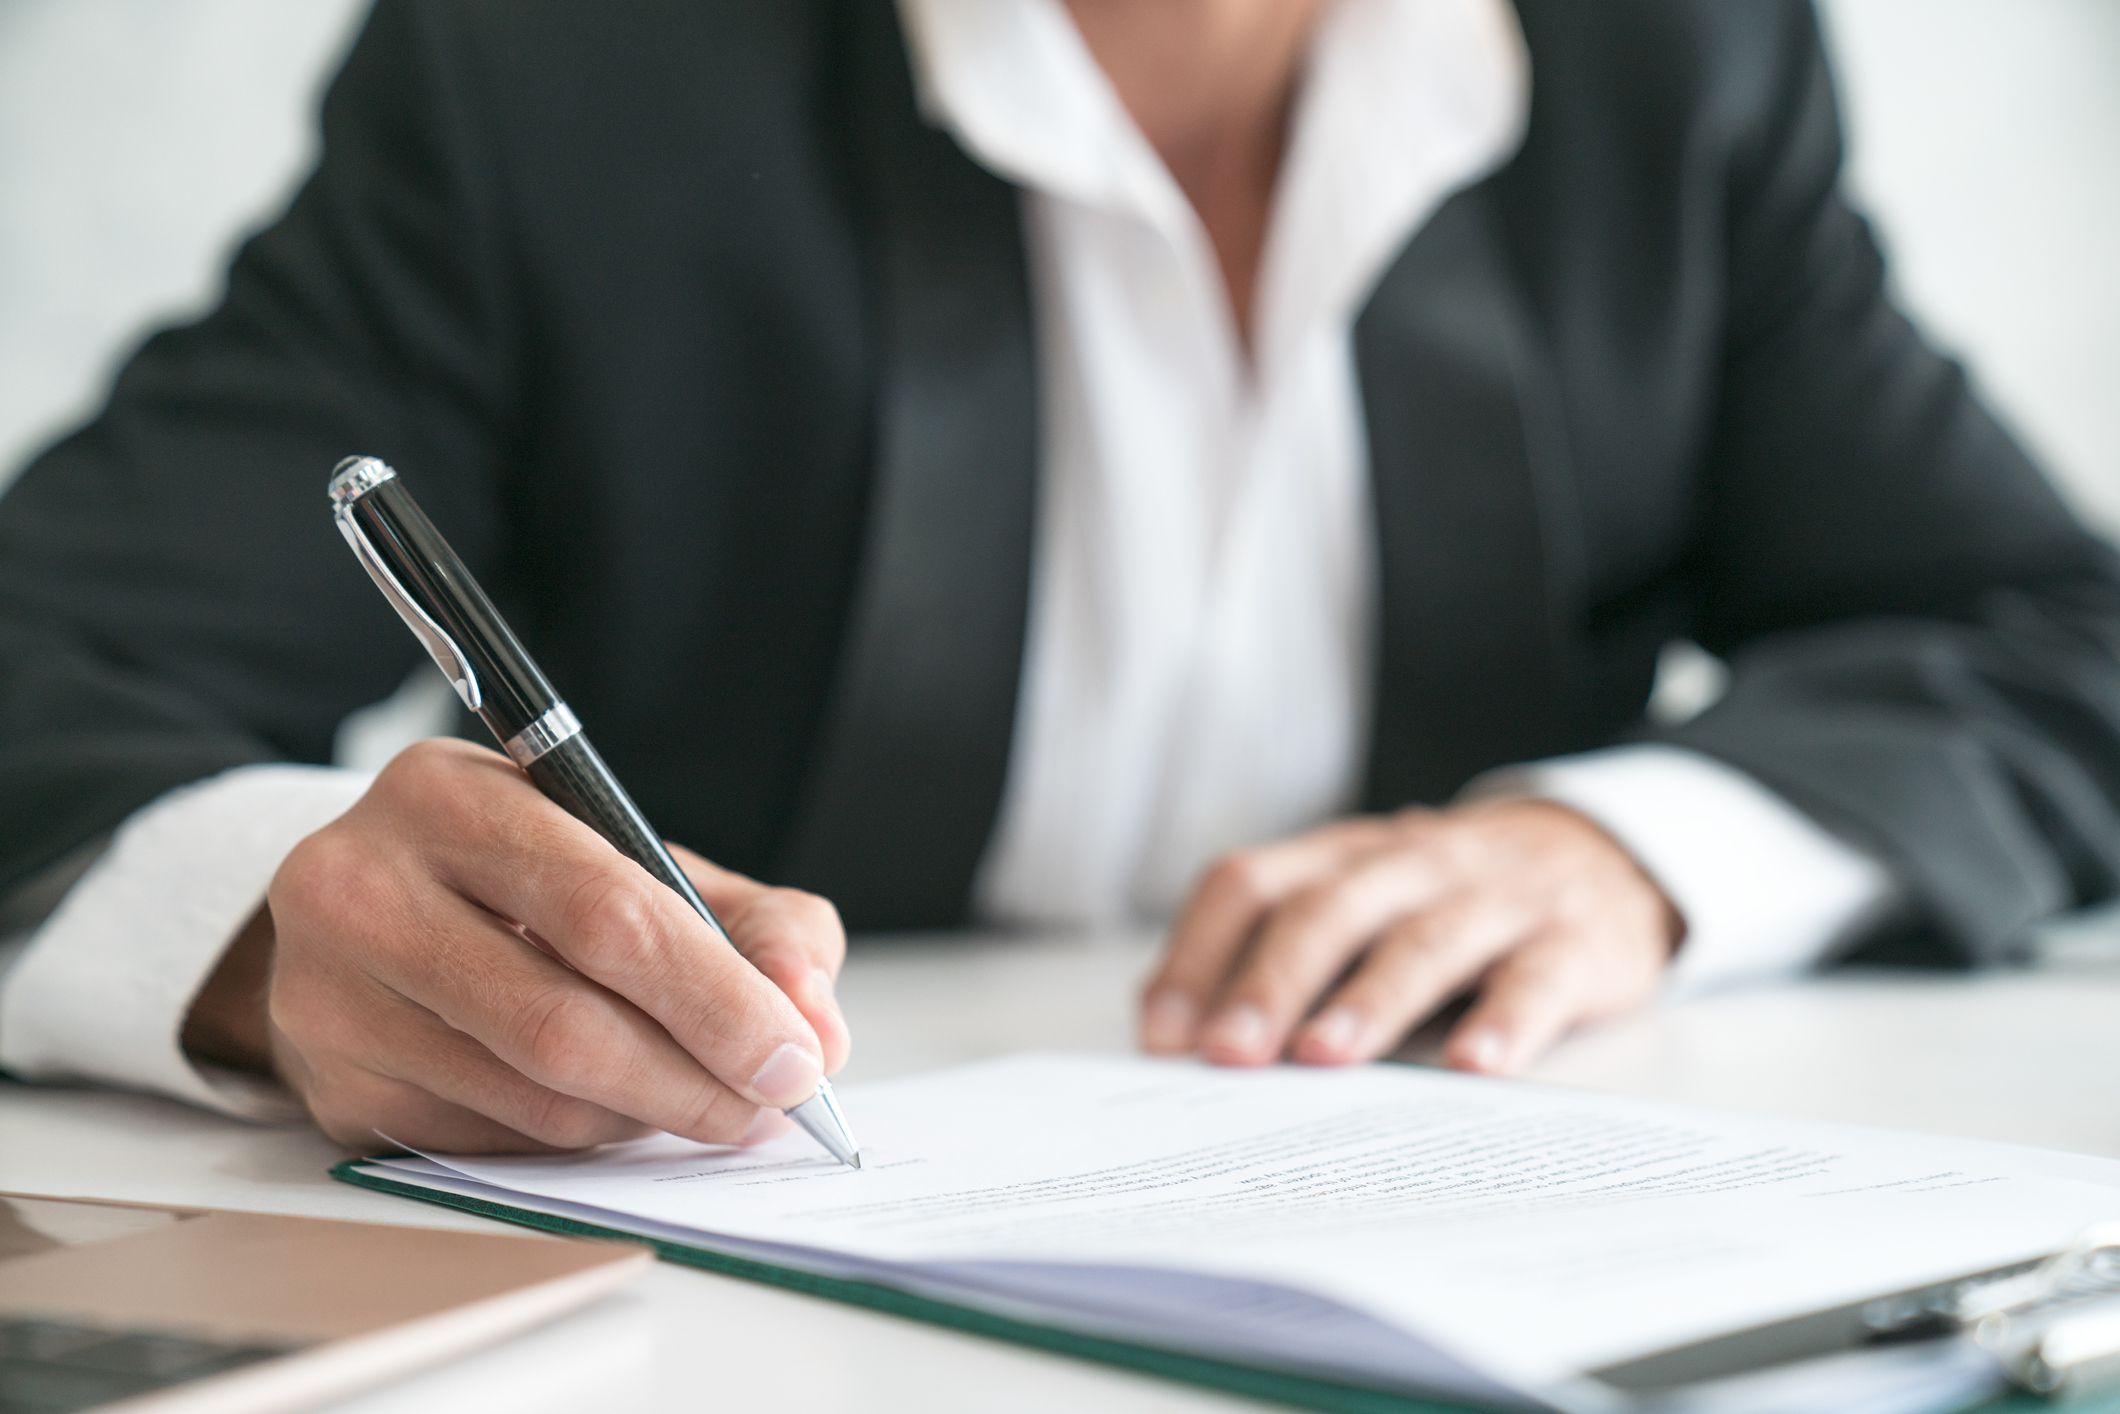 Cómo firmar la documentación de los cursos con un solo clic: Renovarse o morir